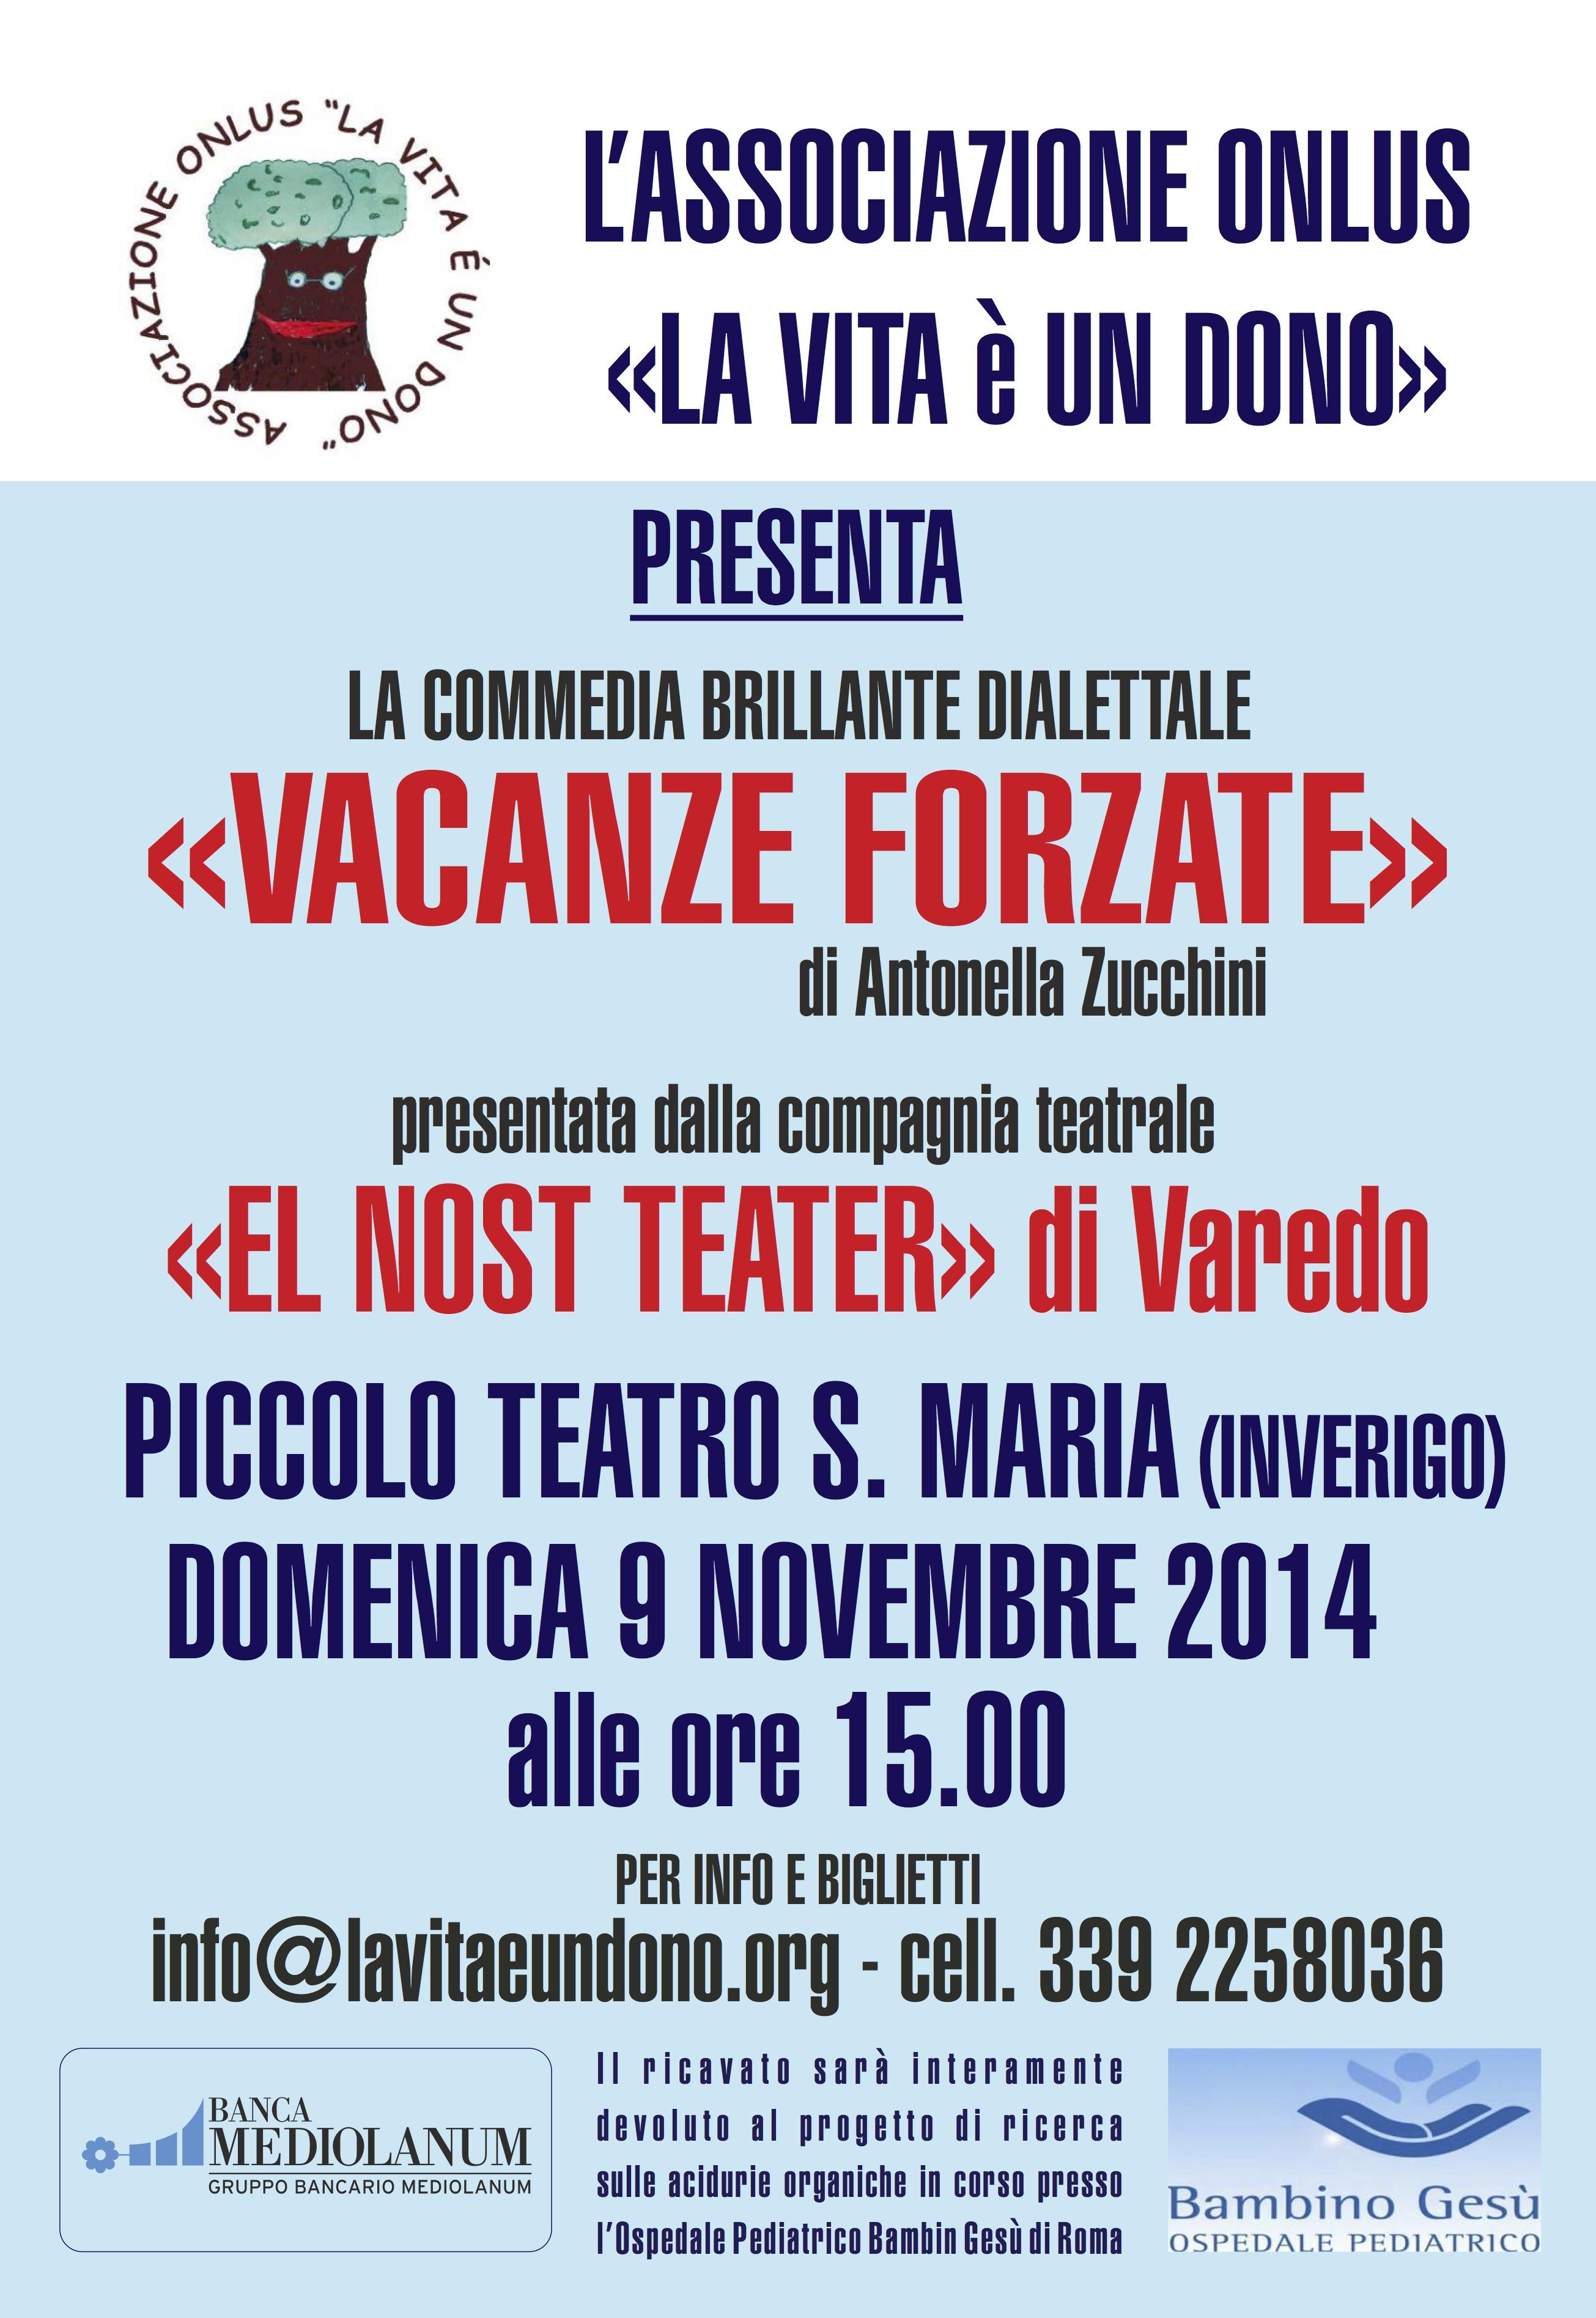 Spettacolo teatrale domenica 9 novembre